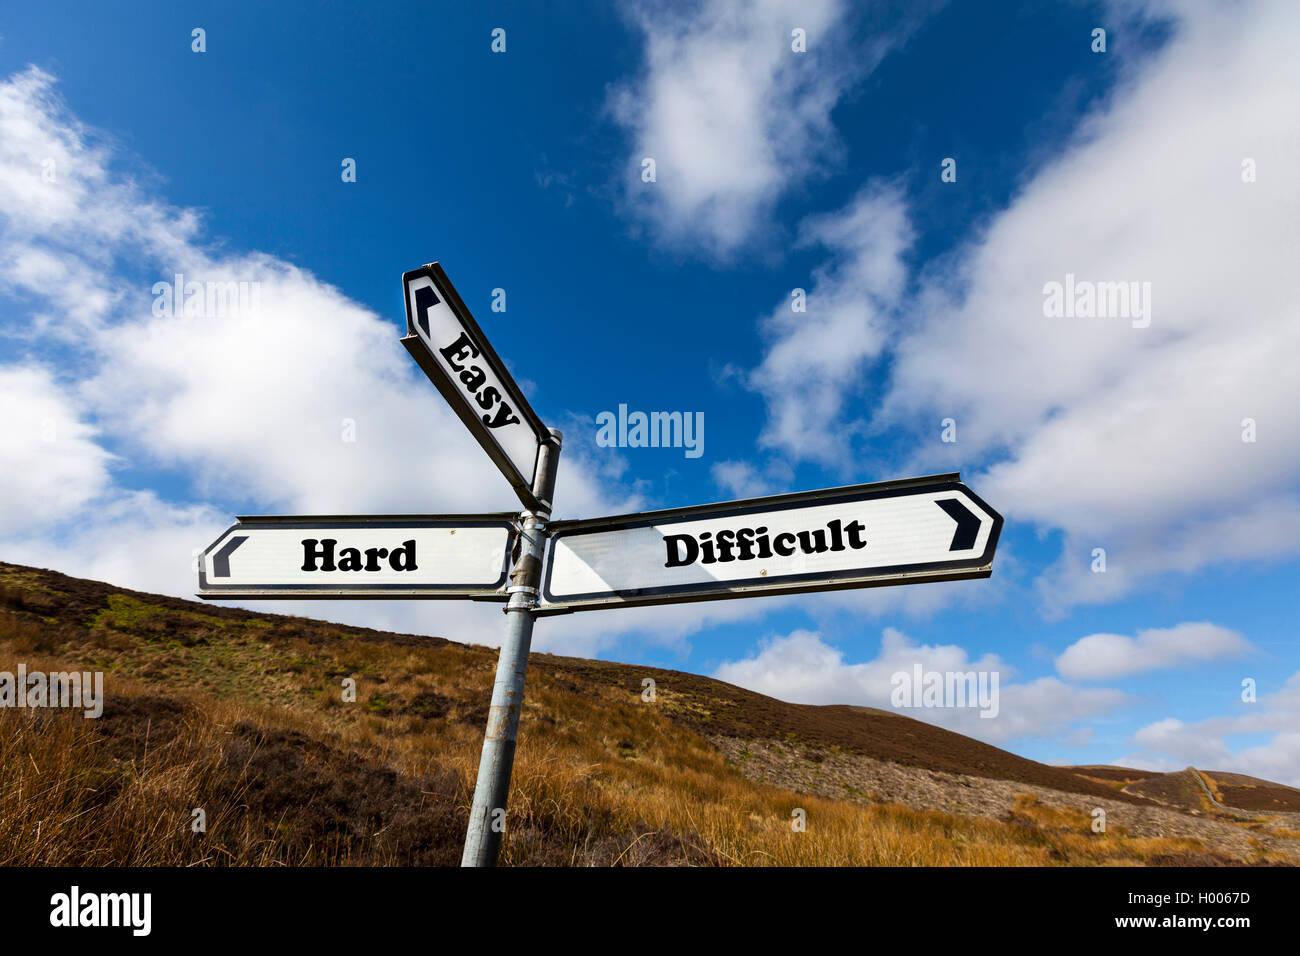 Leicht schwer schwieriges Konzept Straße Zeichen Wahl wählen Optionen Option Leben Richtung Zukunft Richtungen Stockbild